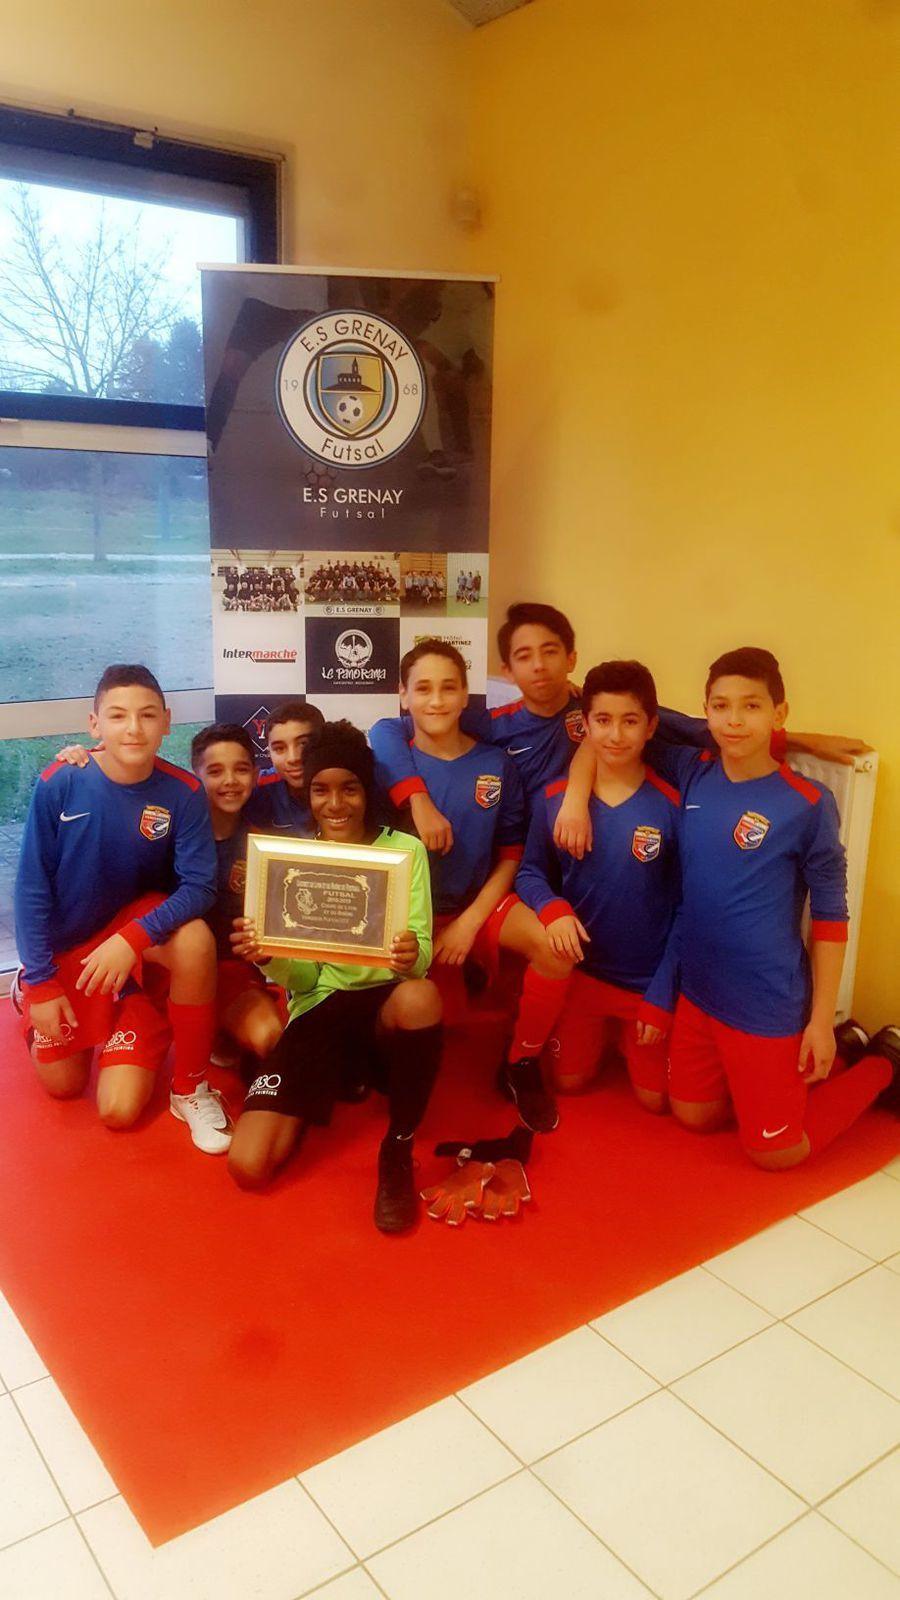 Les U13 de Vénissieux Football Club ont remporté le premier trophée dd'importance de ce jeune club - Photos : ©VFC